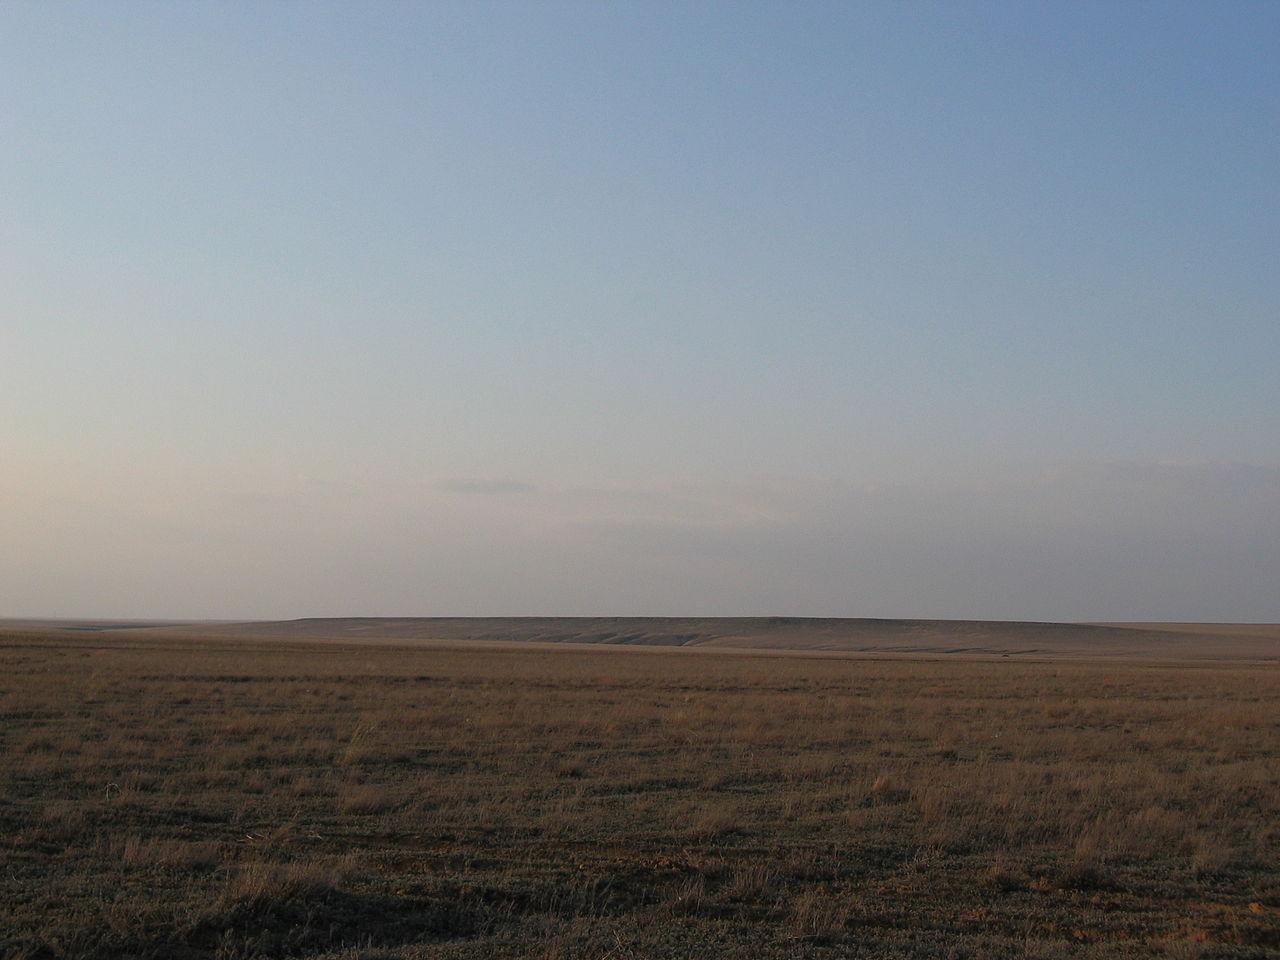 1280px-Steppe_of_western_Kazakhstan_in_t